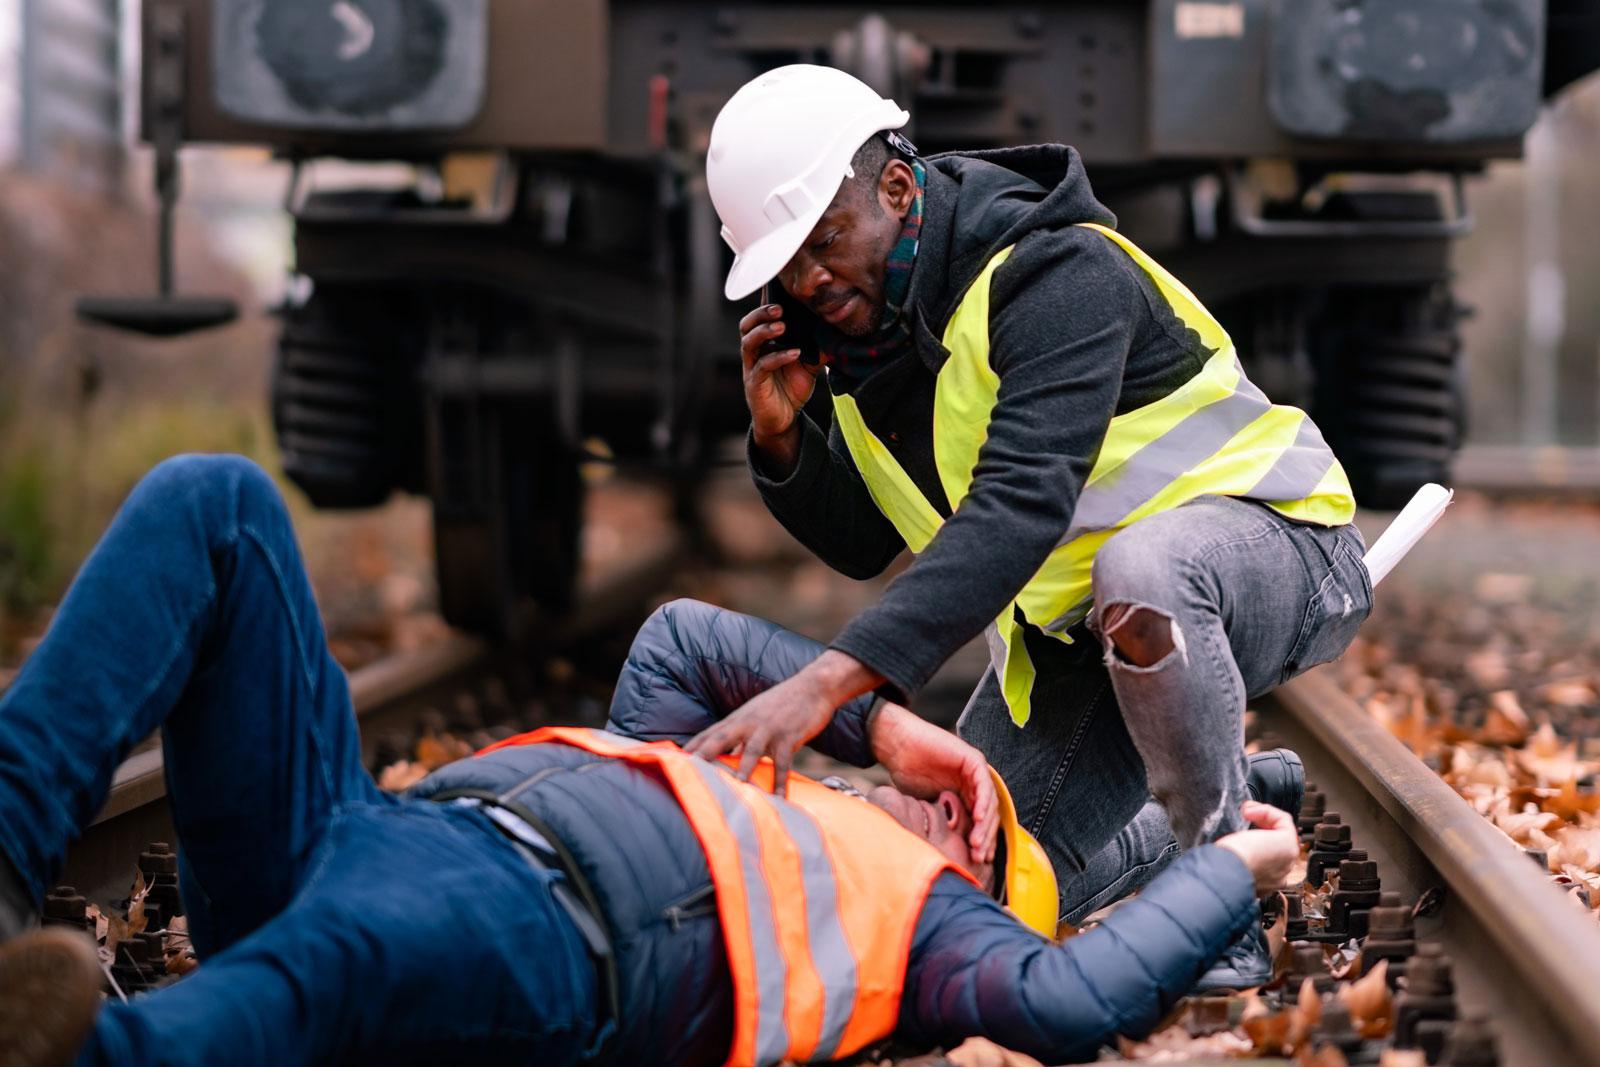 Personen-Notsignal-Anlagen •Personennotsignalsystem •oscom-Deutschland •Bahnbediensteter •Alleinarbeiterschutz •Alleinarbeit • Alleinarbeitsplatz • Mitarbeitersicherung • Jobs in Bielefeld